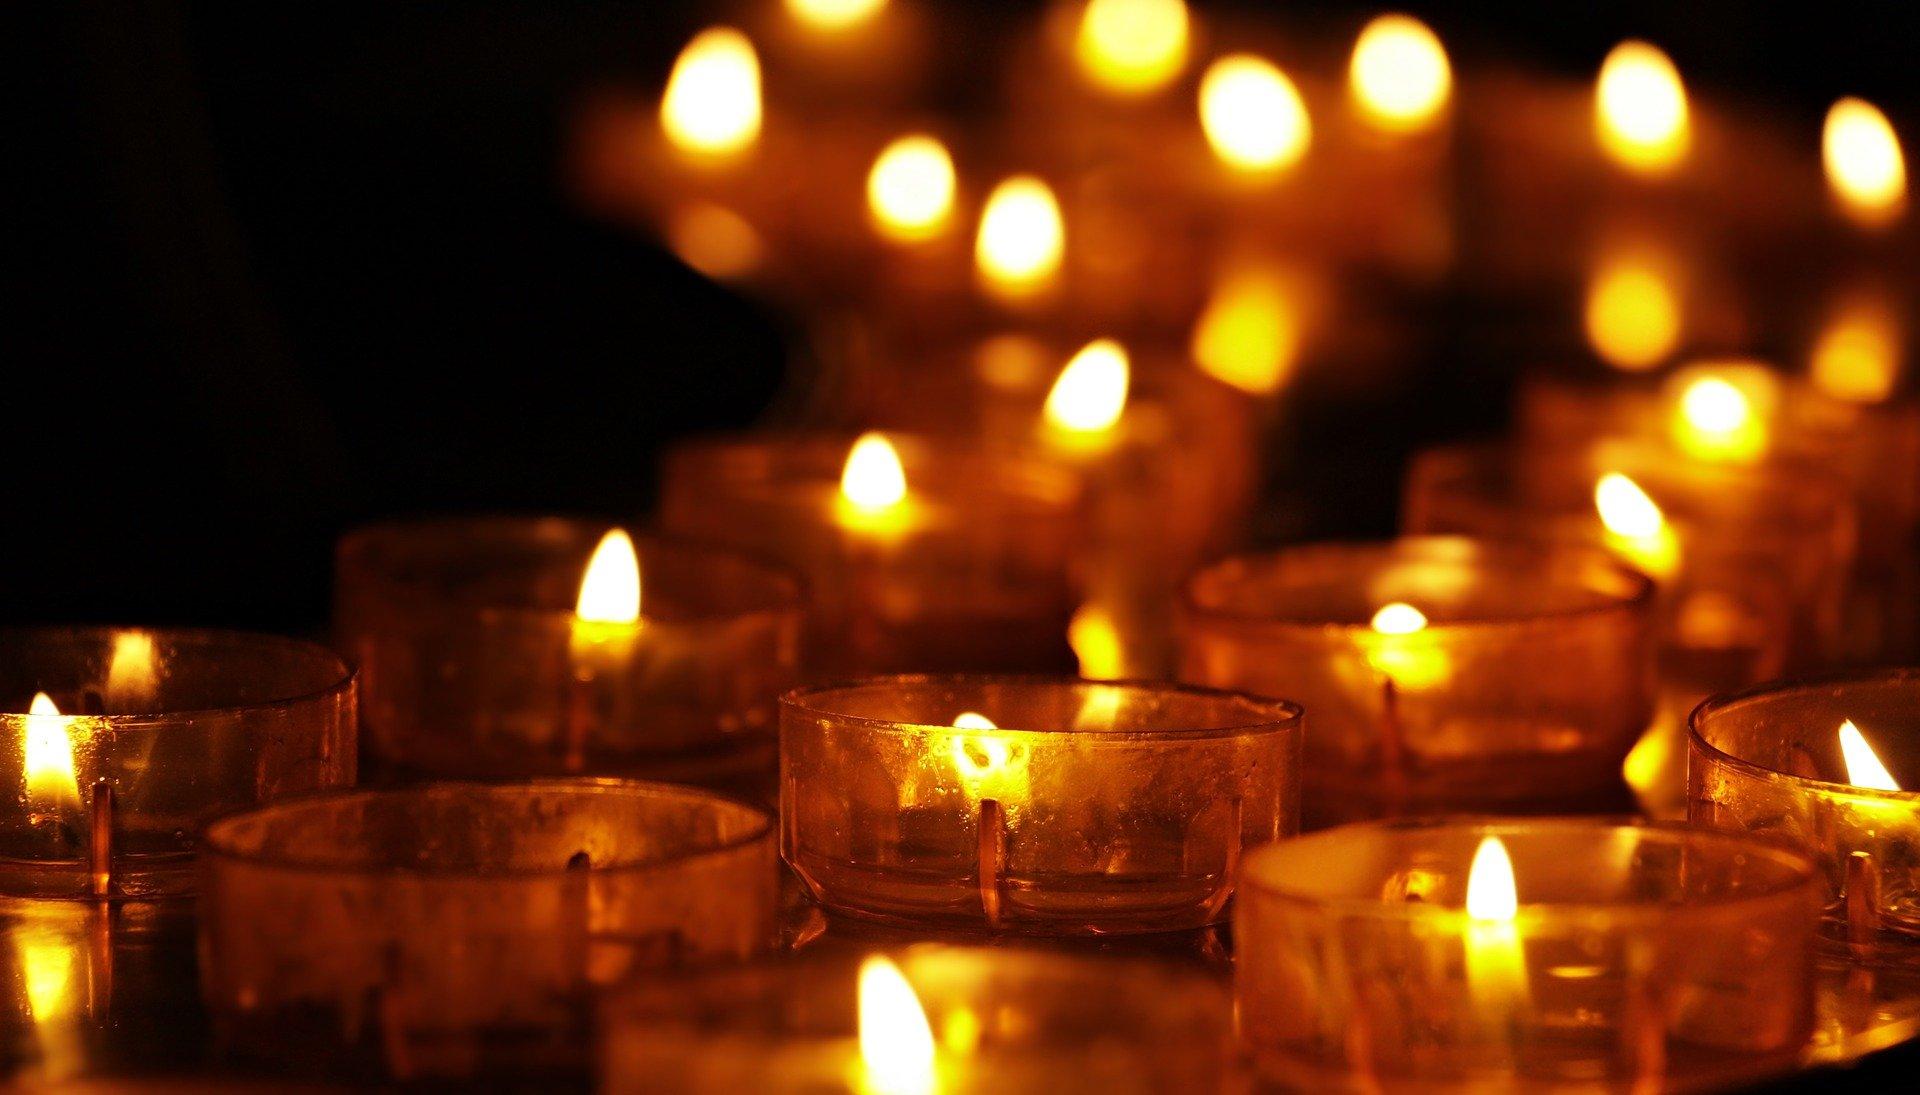 Zum Gedenken an alle Vermissten und Verstorbenen in den Hochwassergebieten